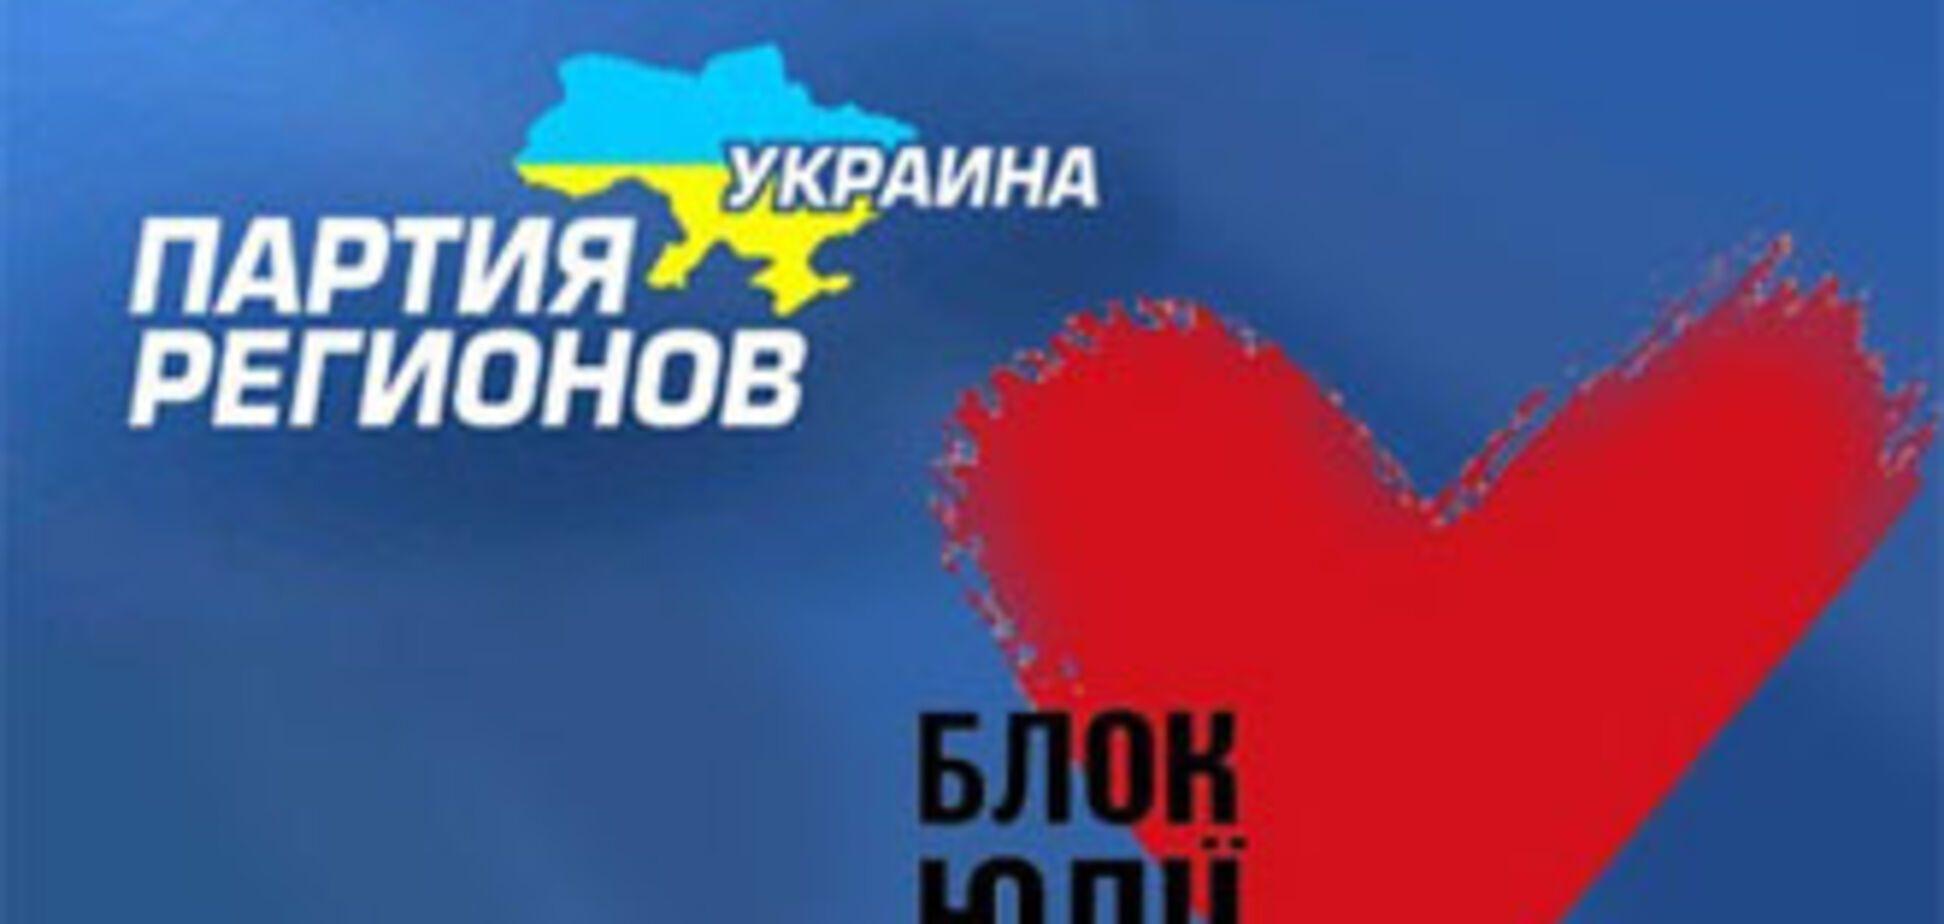 Тимошенко не хоче бути улюбленою опозицією